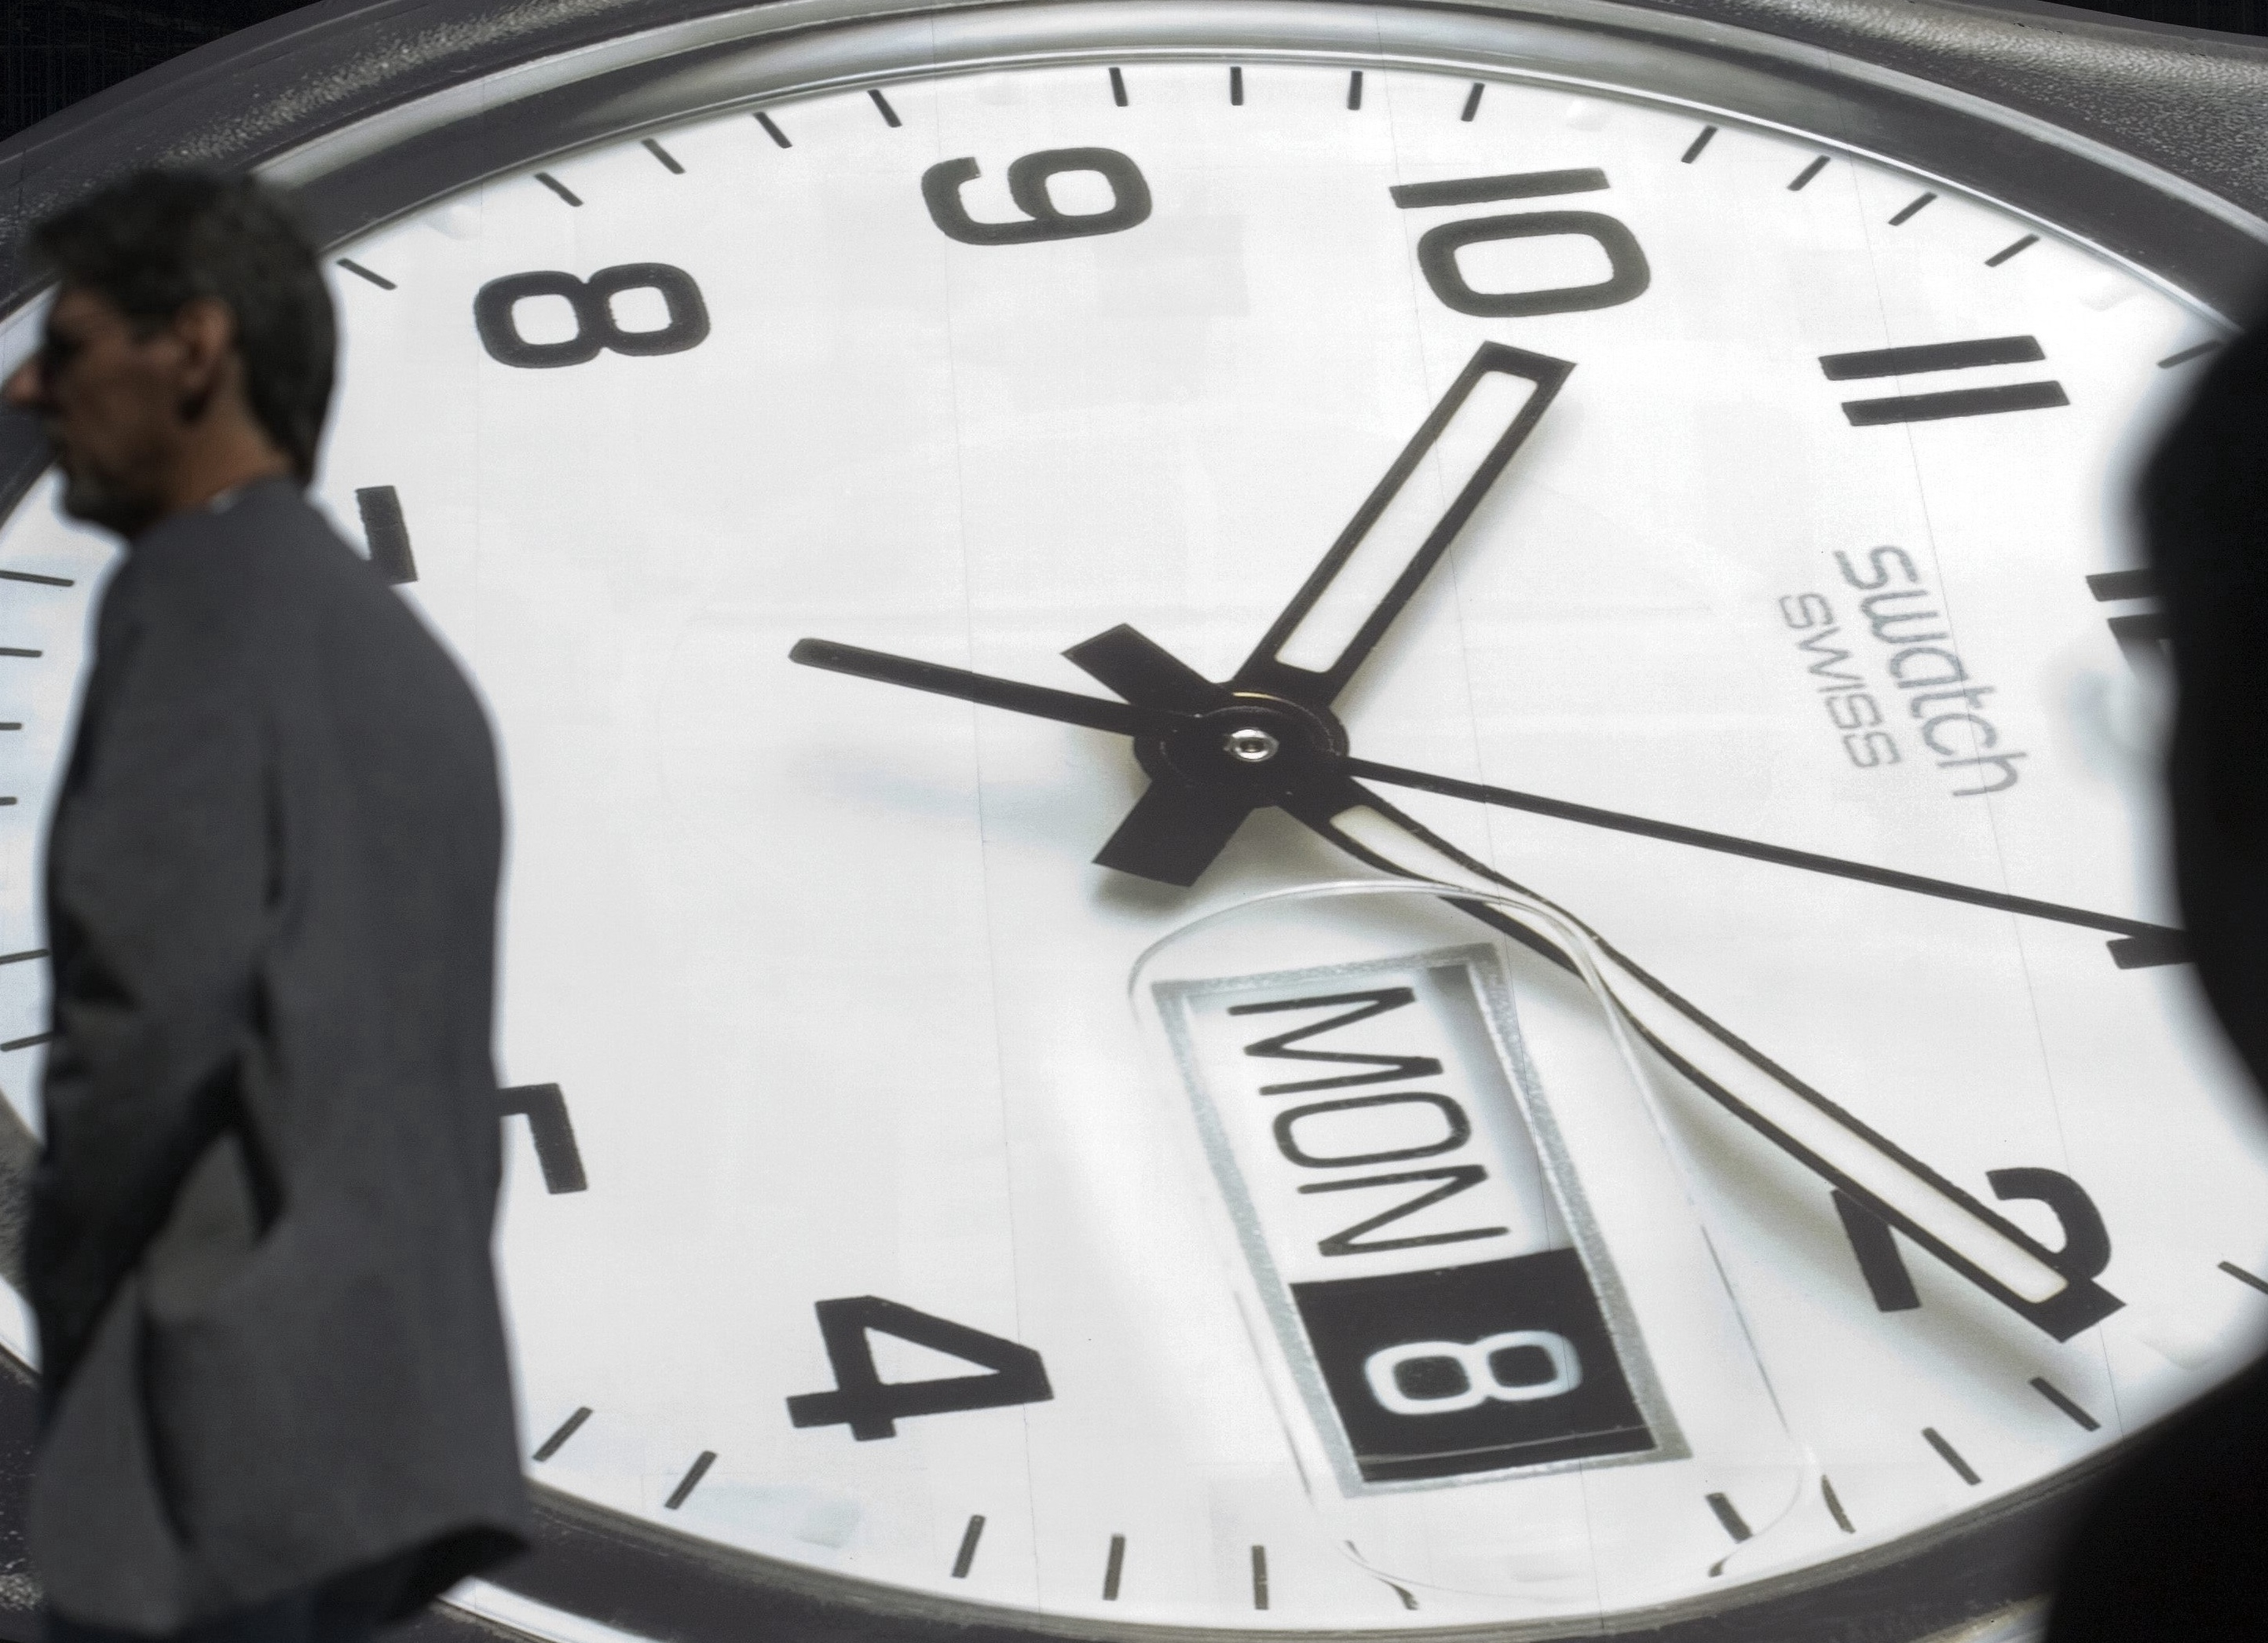 Swatch - hãng đồng hồ nổi tiếng nhất thế giới